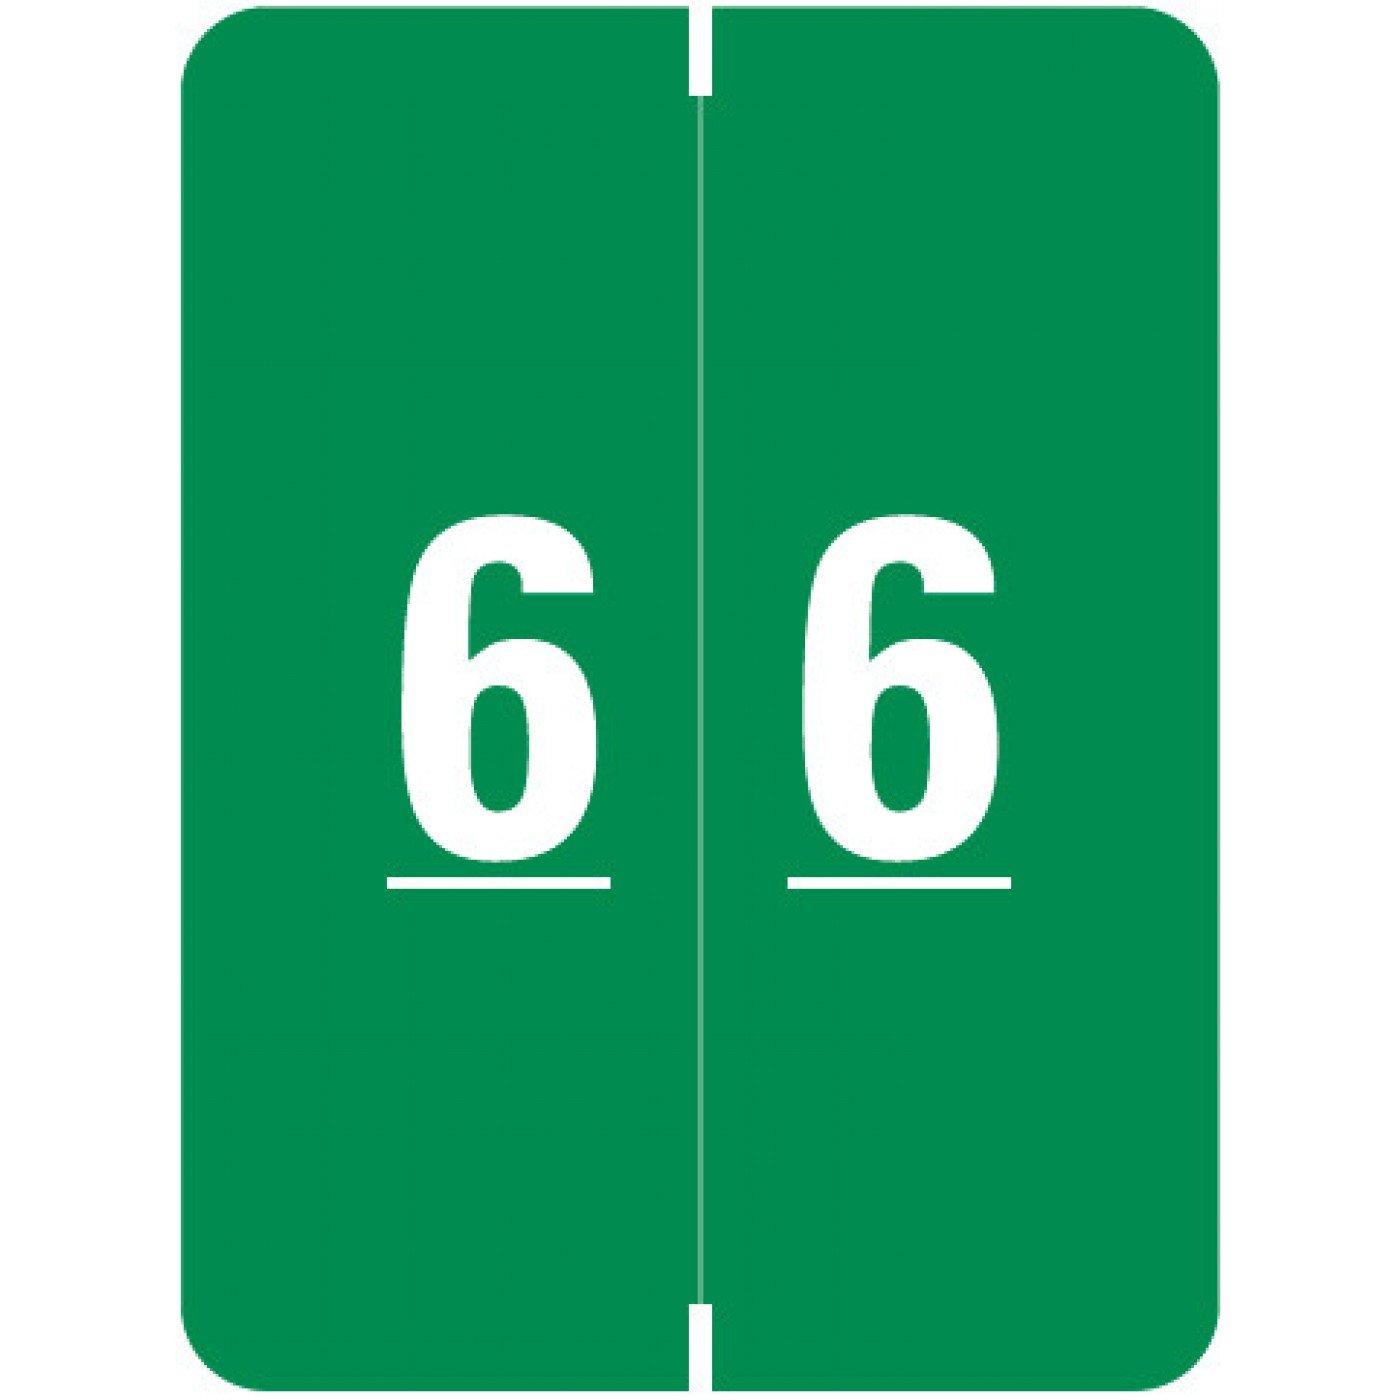 SMEAD COMPATIBLE SMNM-6 Xlcc Color Code Label, Permanent, Numeric